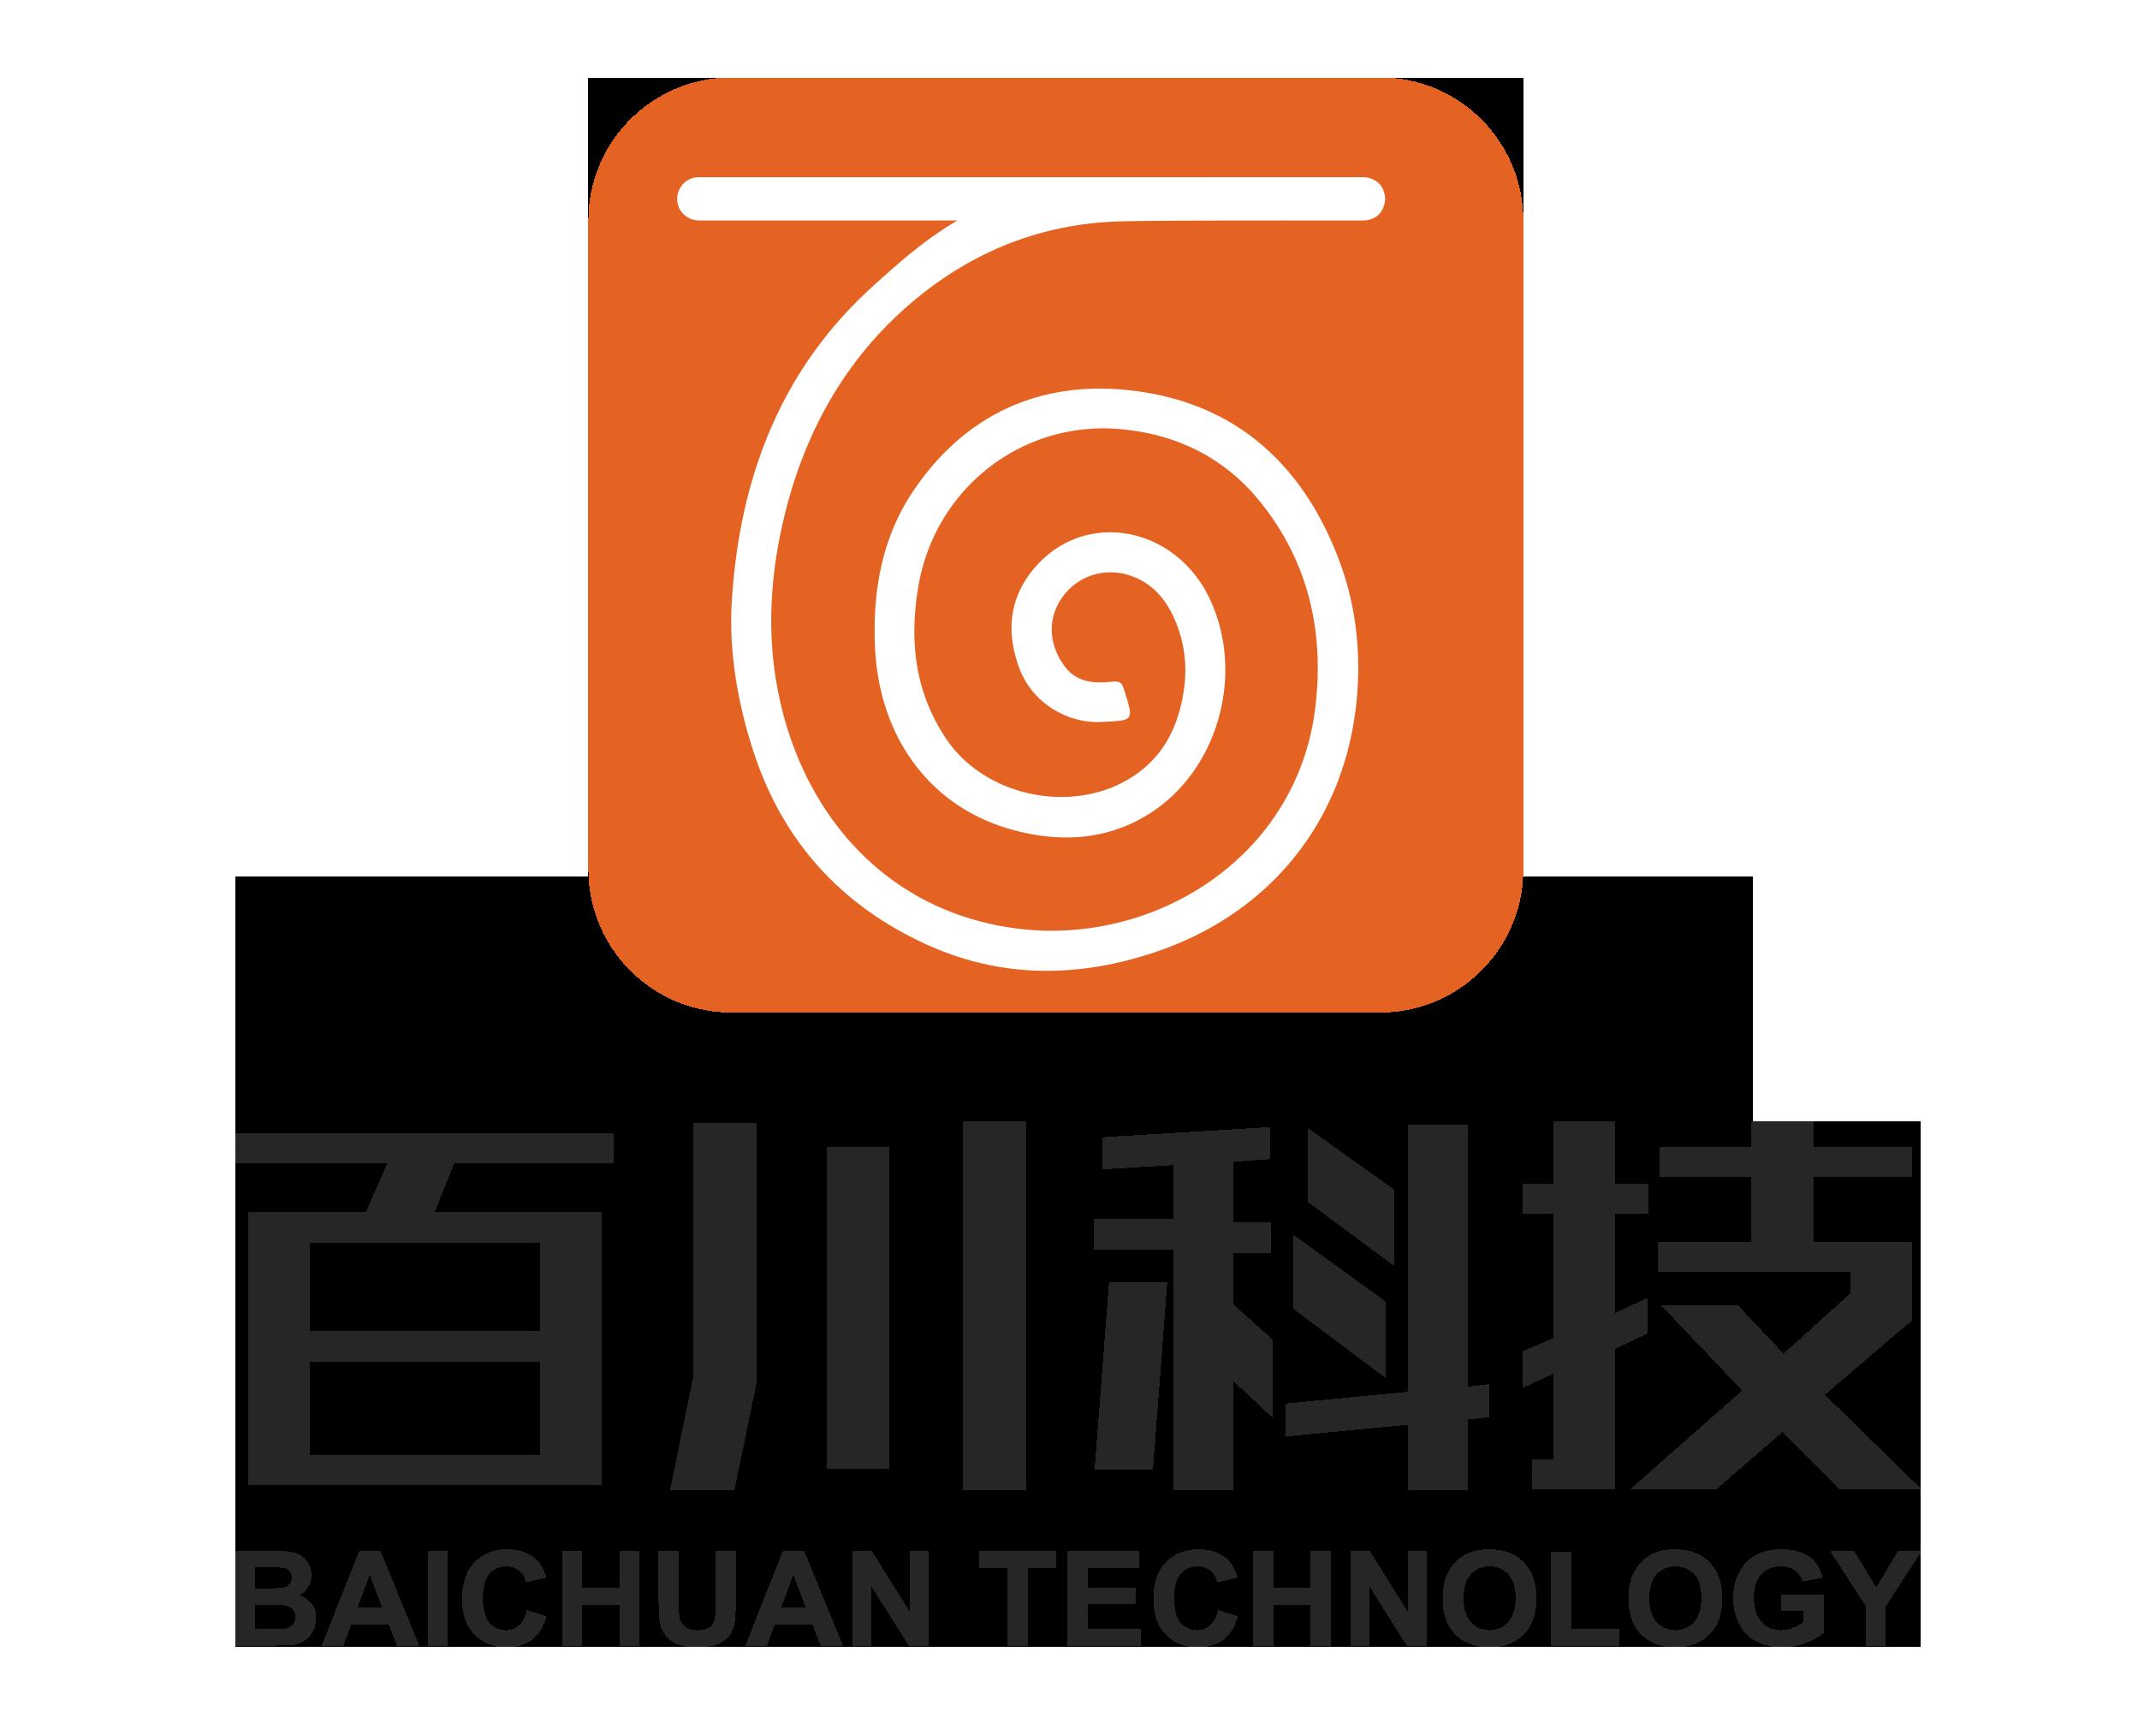 广州百川网络科技有限公司